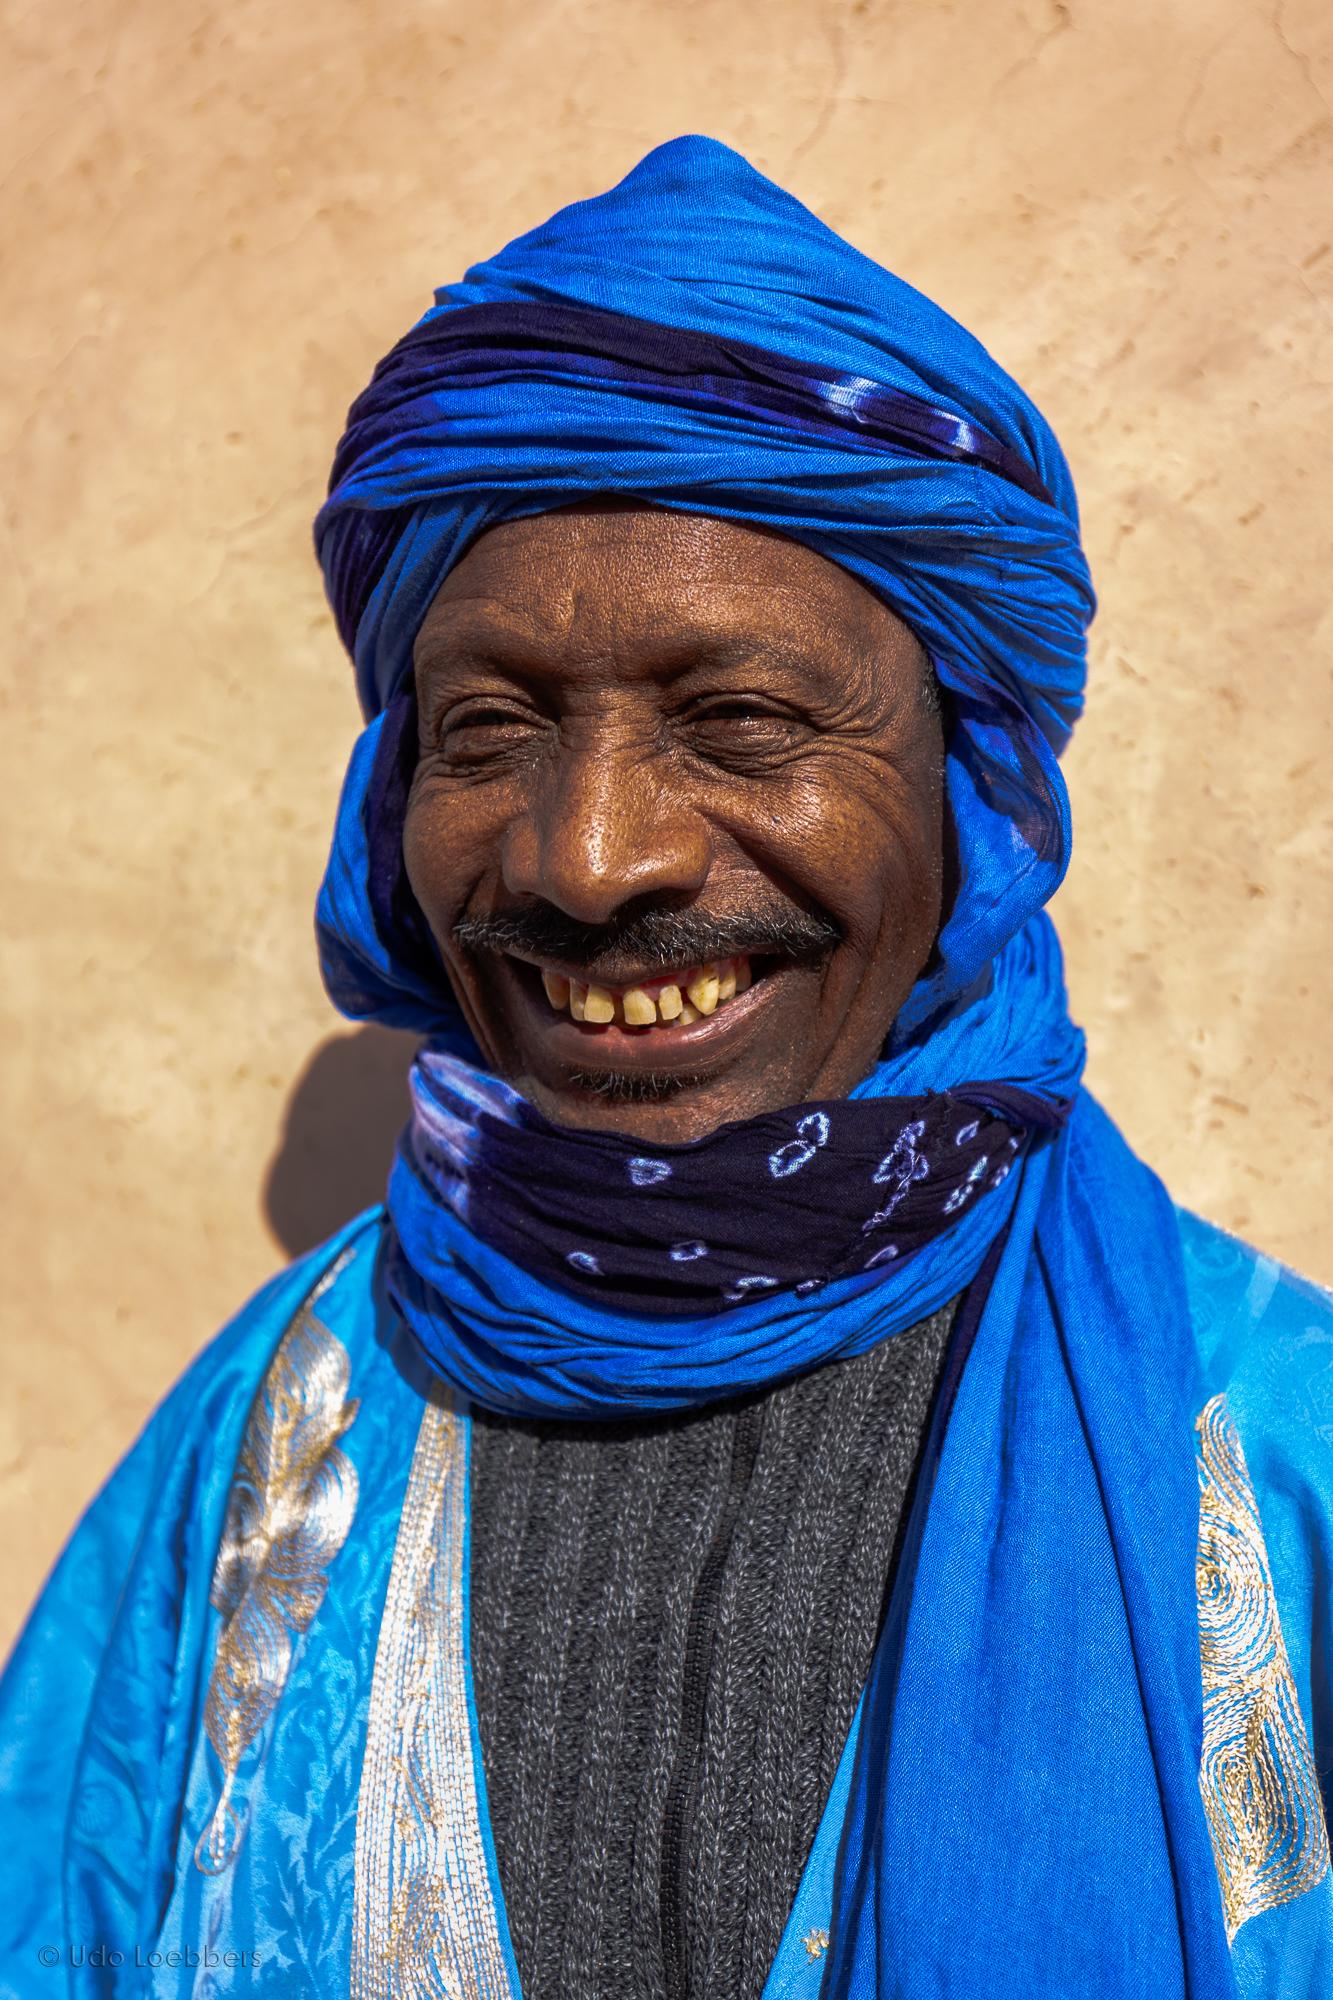 Verkäufer in Ait Ben Haddou, Marokko